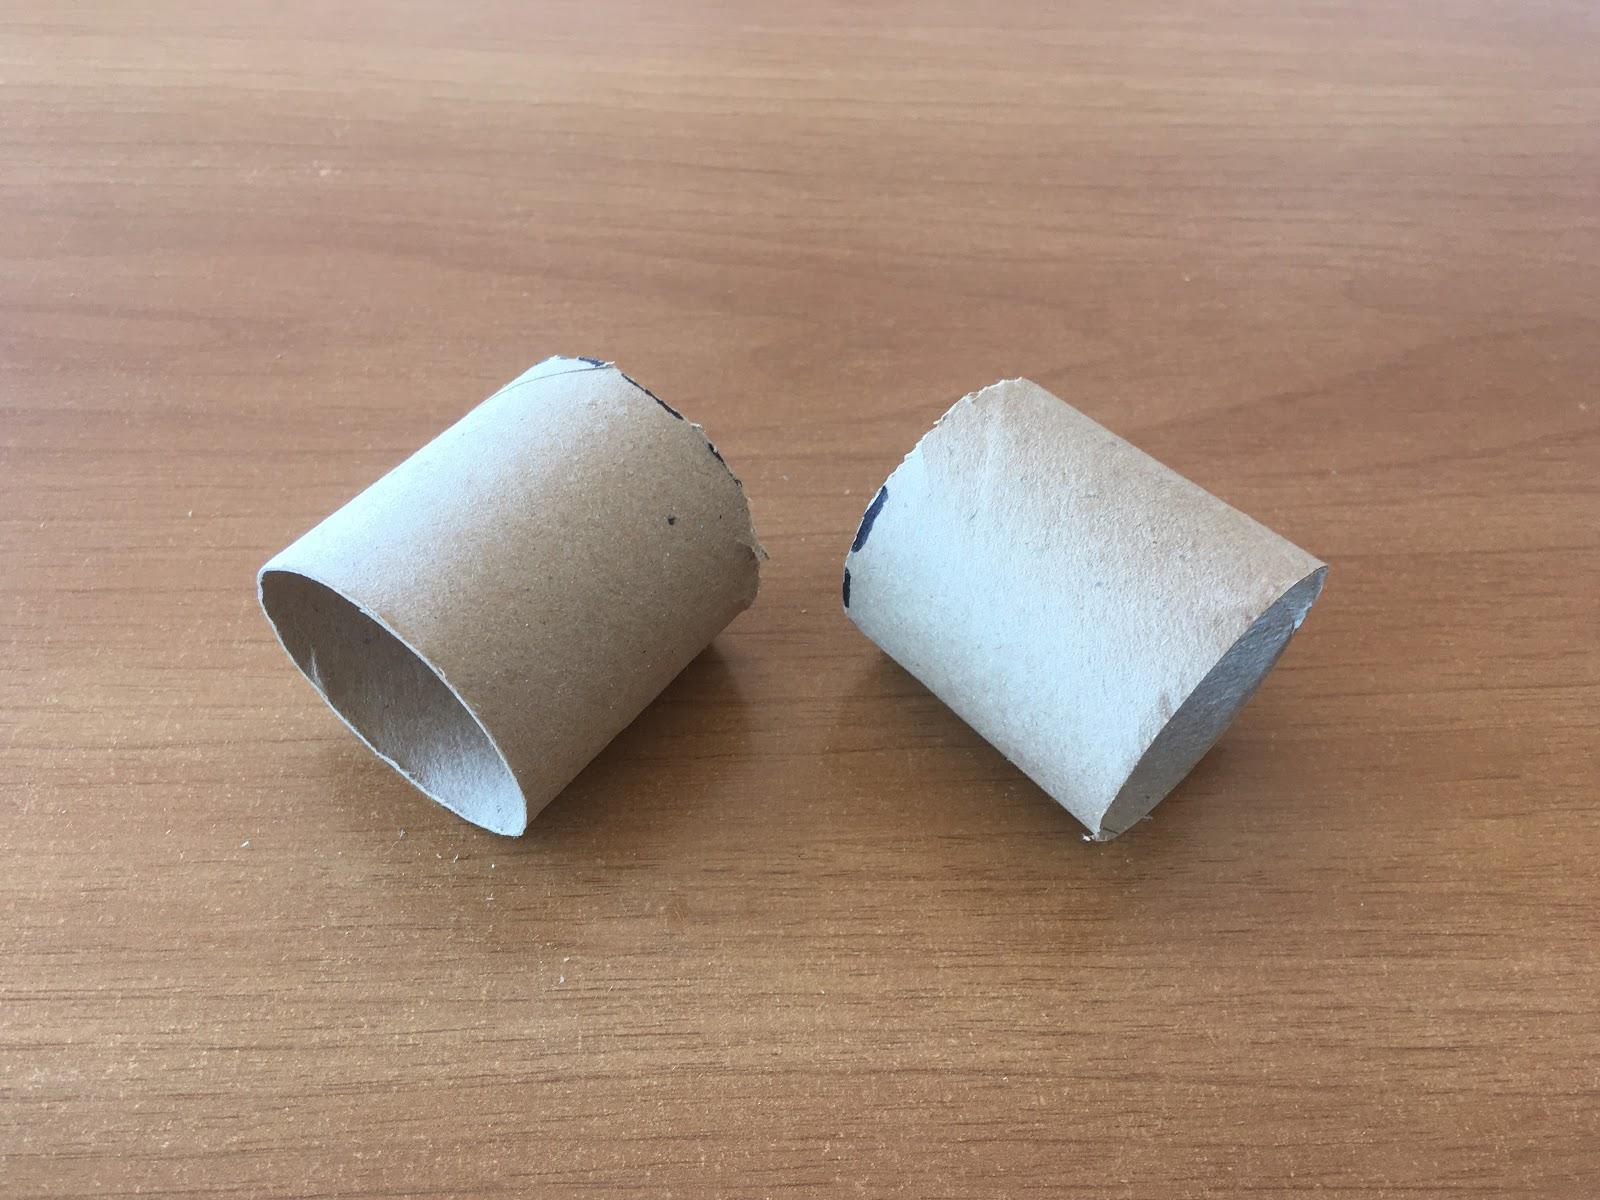 Dos mitades cortadas a partir de un rollo de cartón.